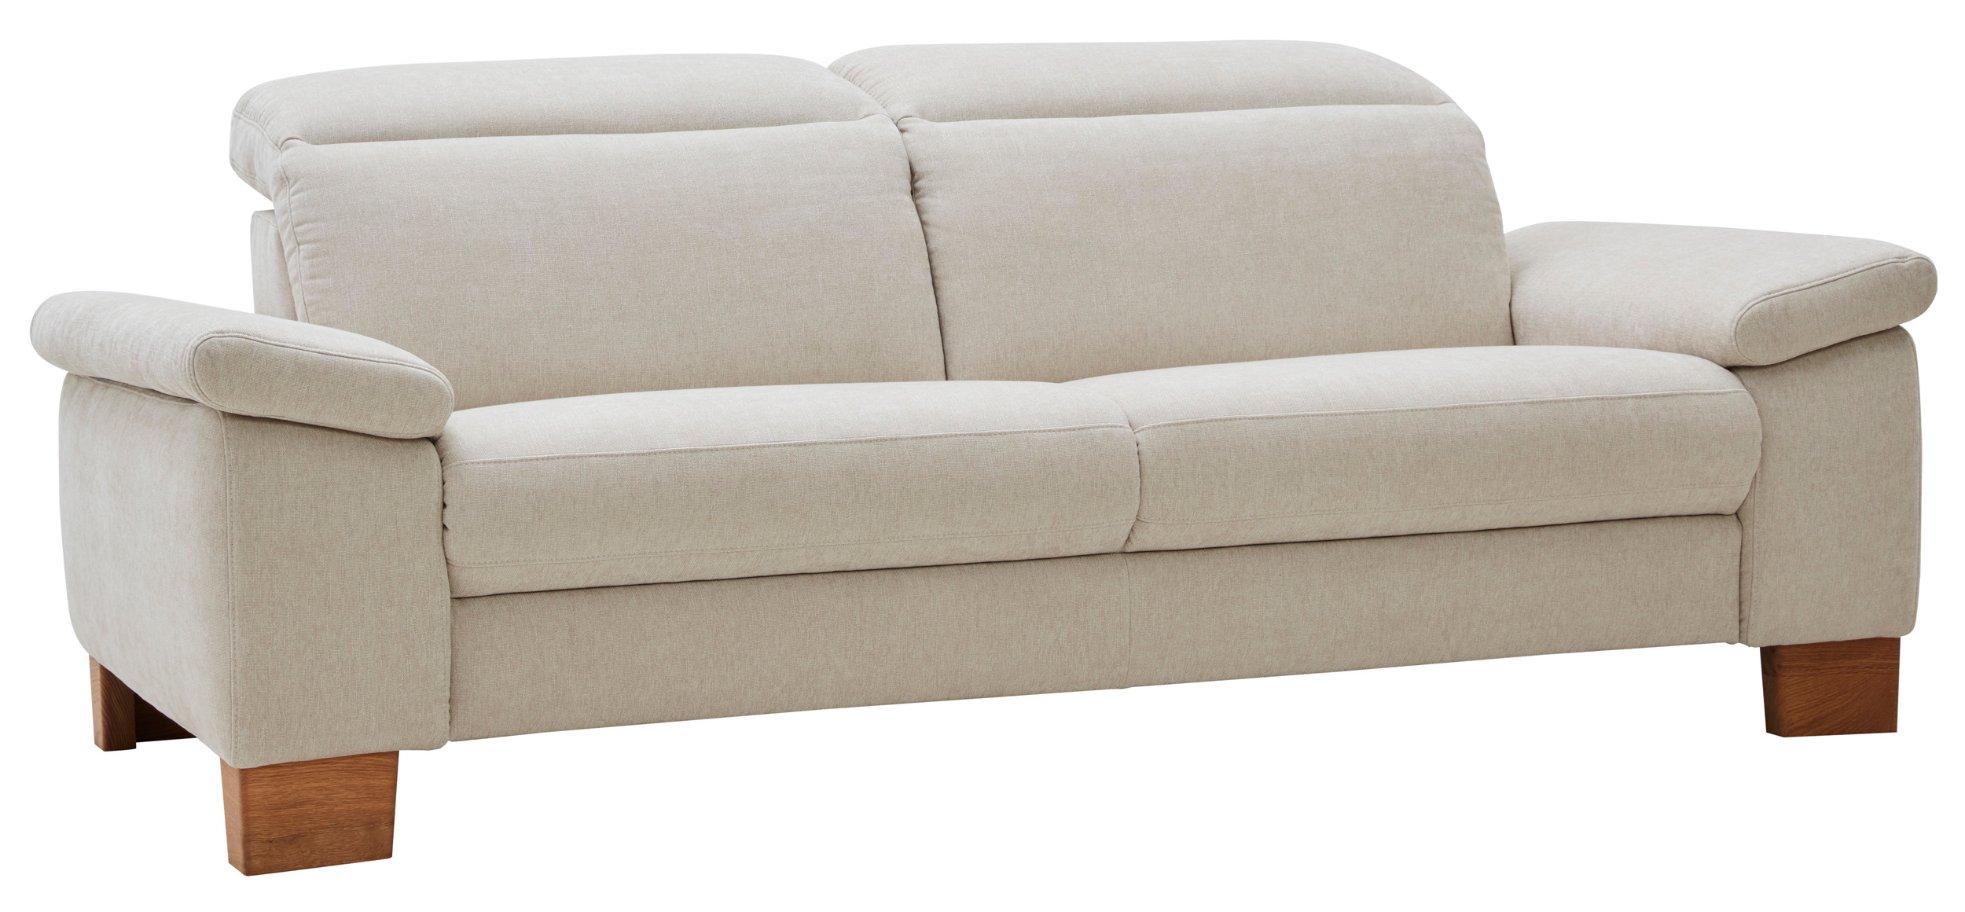 Full Size of Natura Sofa Couch Denver Newport Love Kansas Kaufen Gebraucht Pasadena Livingston Sofas Und Couches Mbel Lenz Machalke Rattan Hussen Für überzug Kolonialstil Sofa Natura Sofa